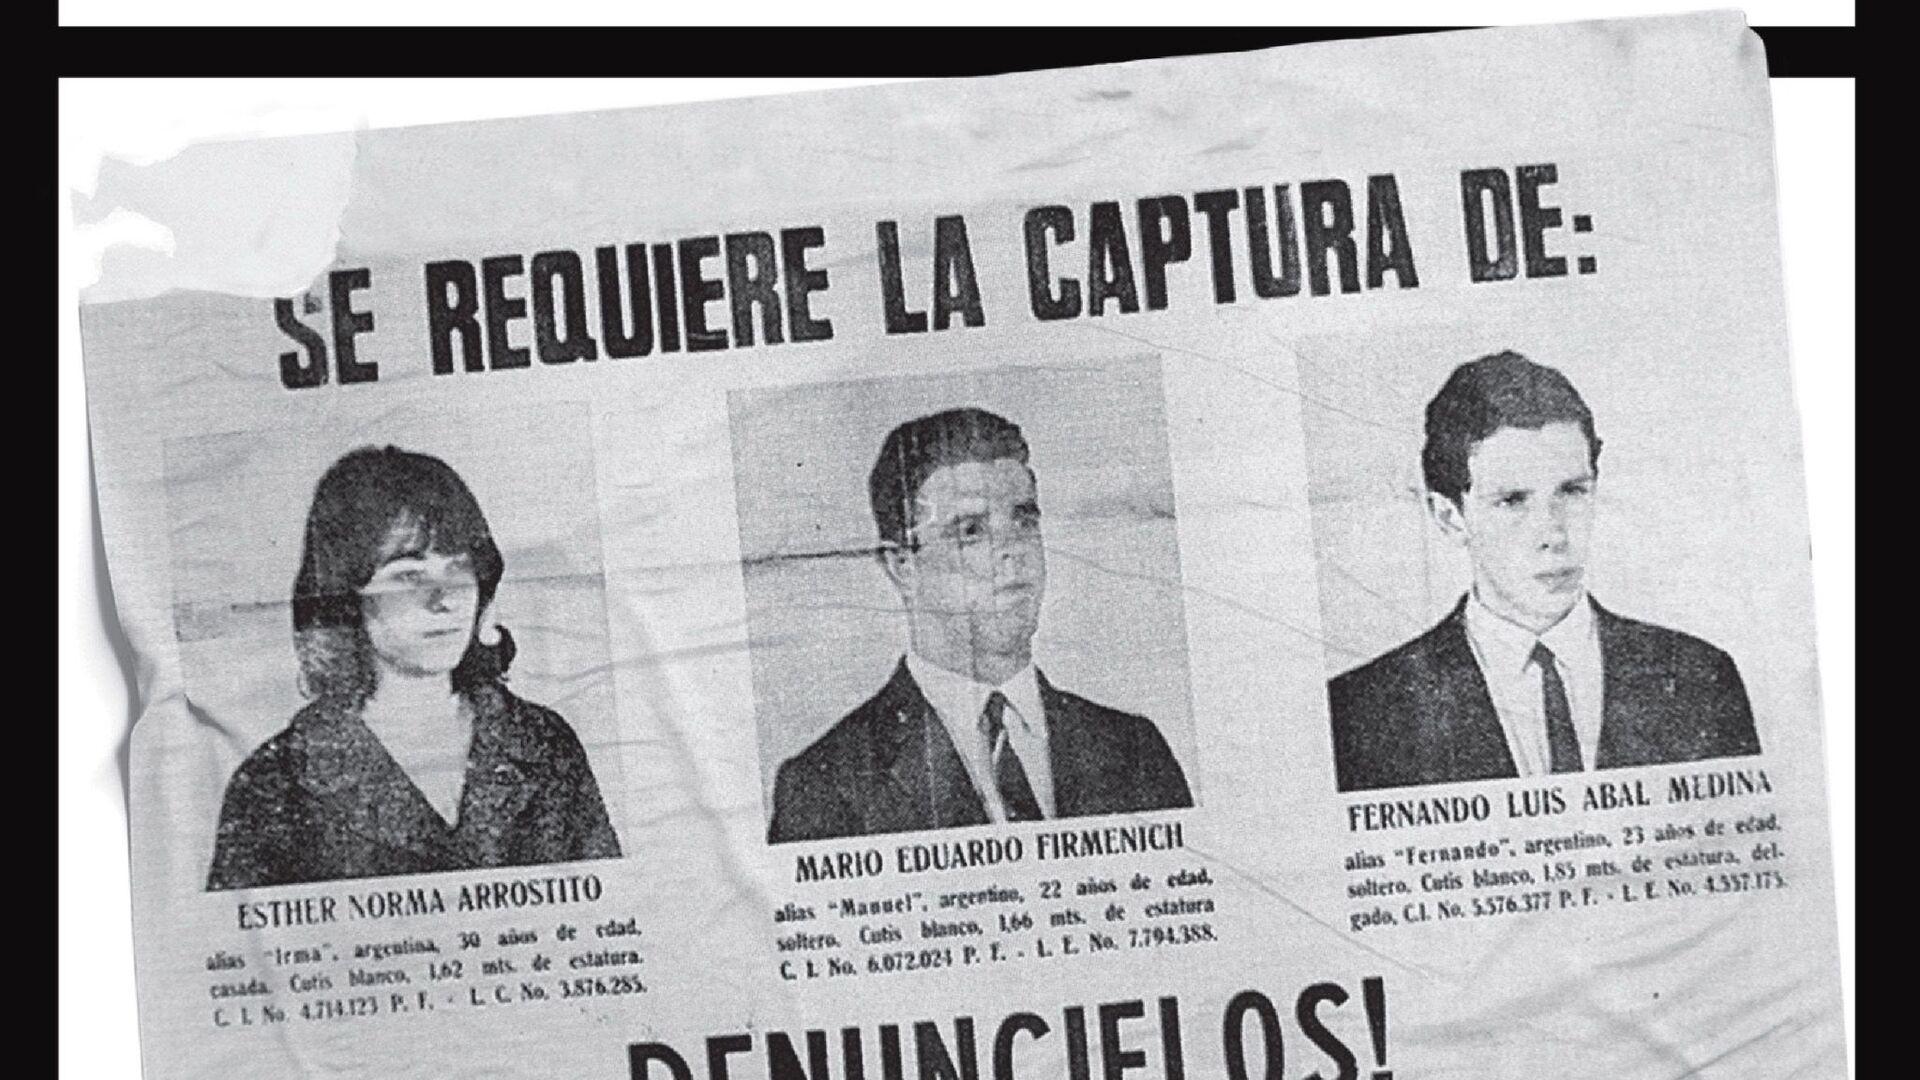 Portada del libro 'Aramburu', de María O'Donnell - Sputnik Mundo, 1920, 28.05.2020